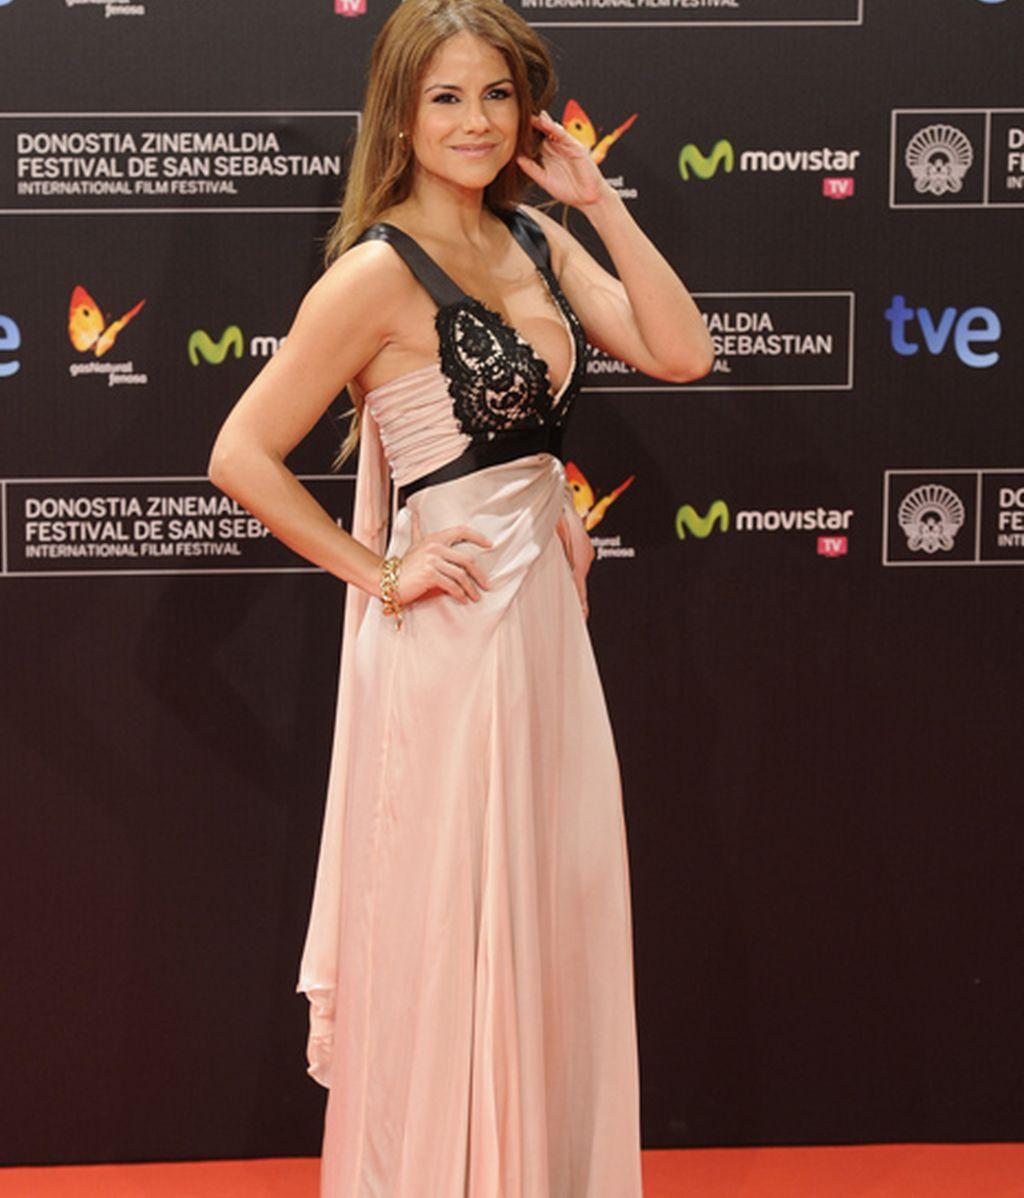 La actriz Mónica Hoyos